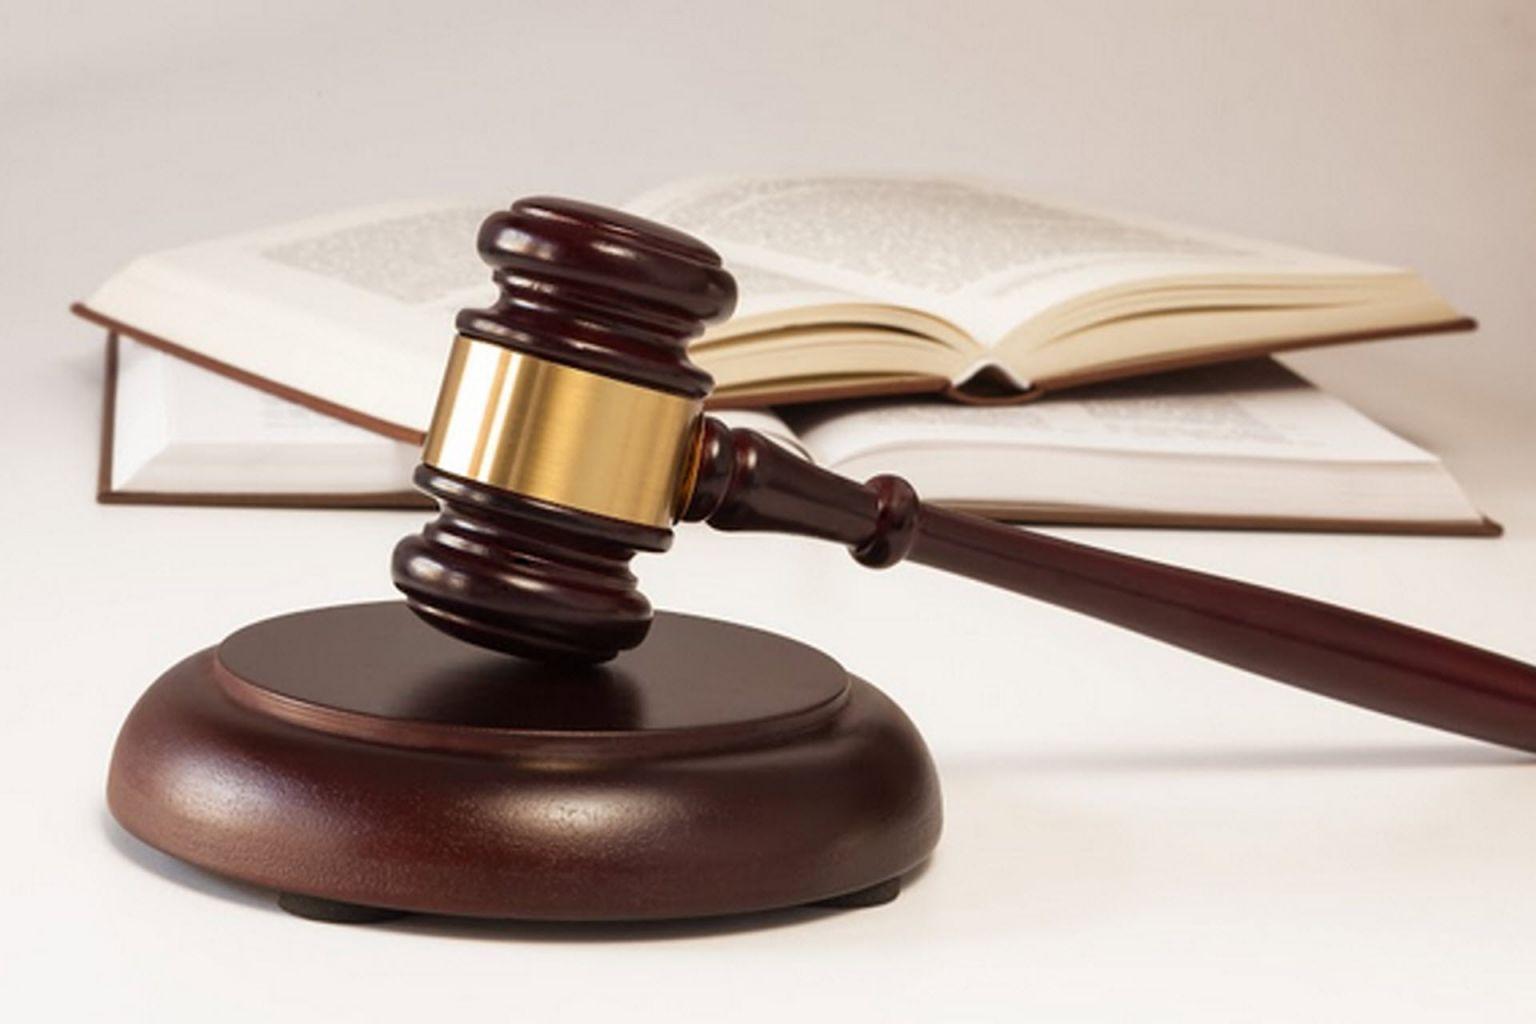 судебная пракика за распространение черной икры популярностью